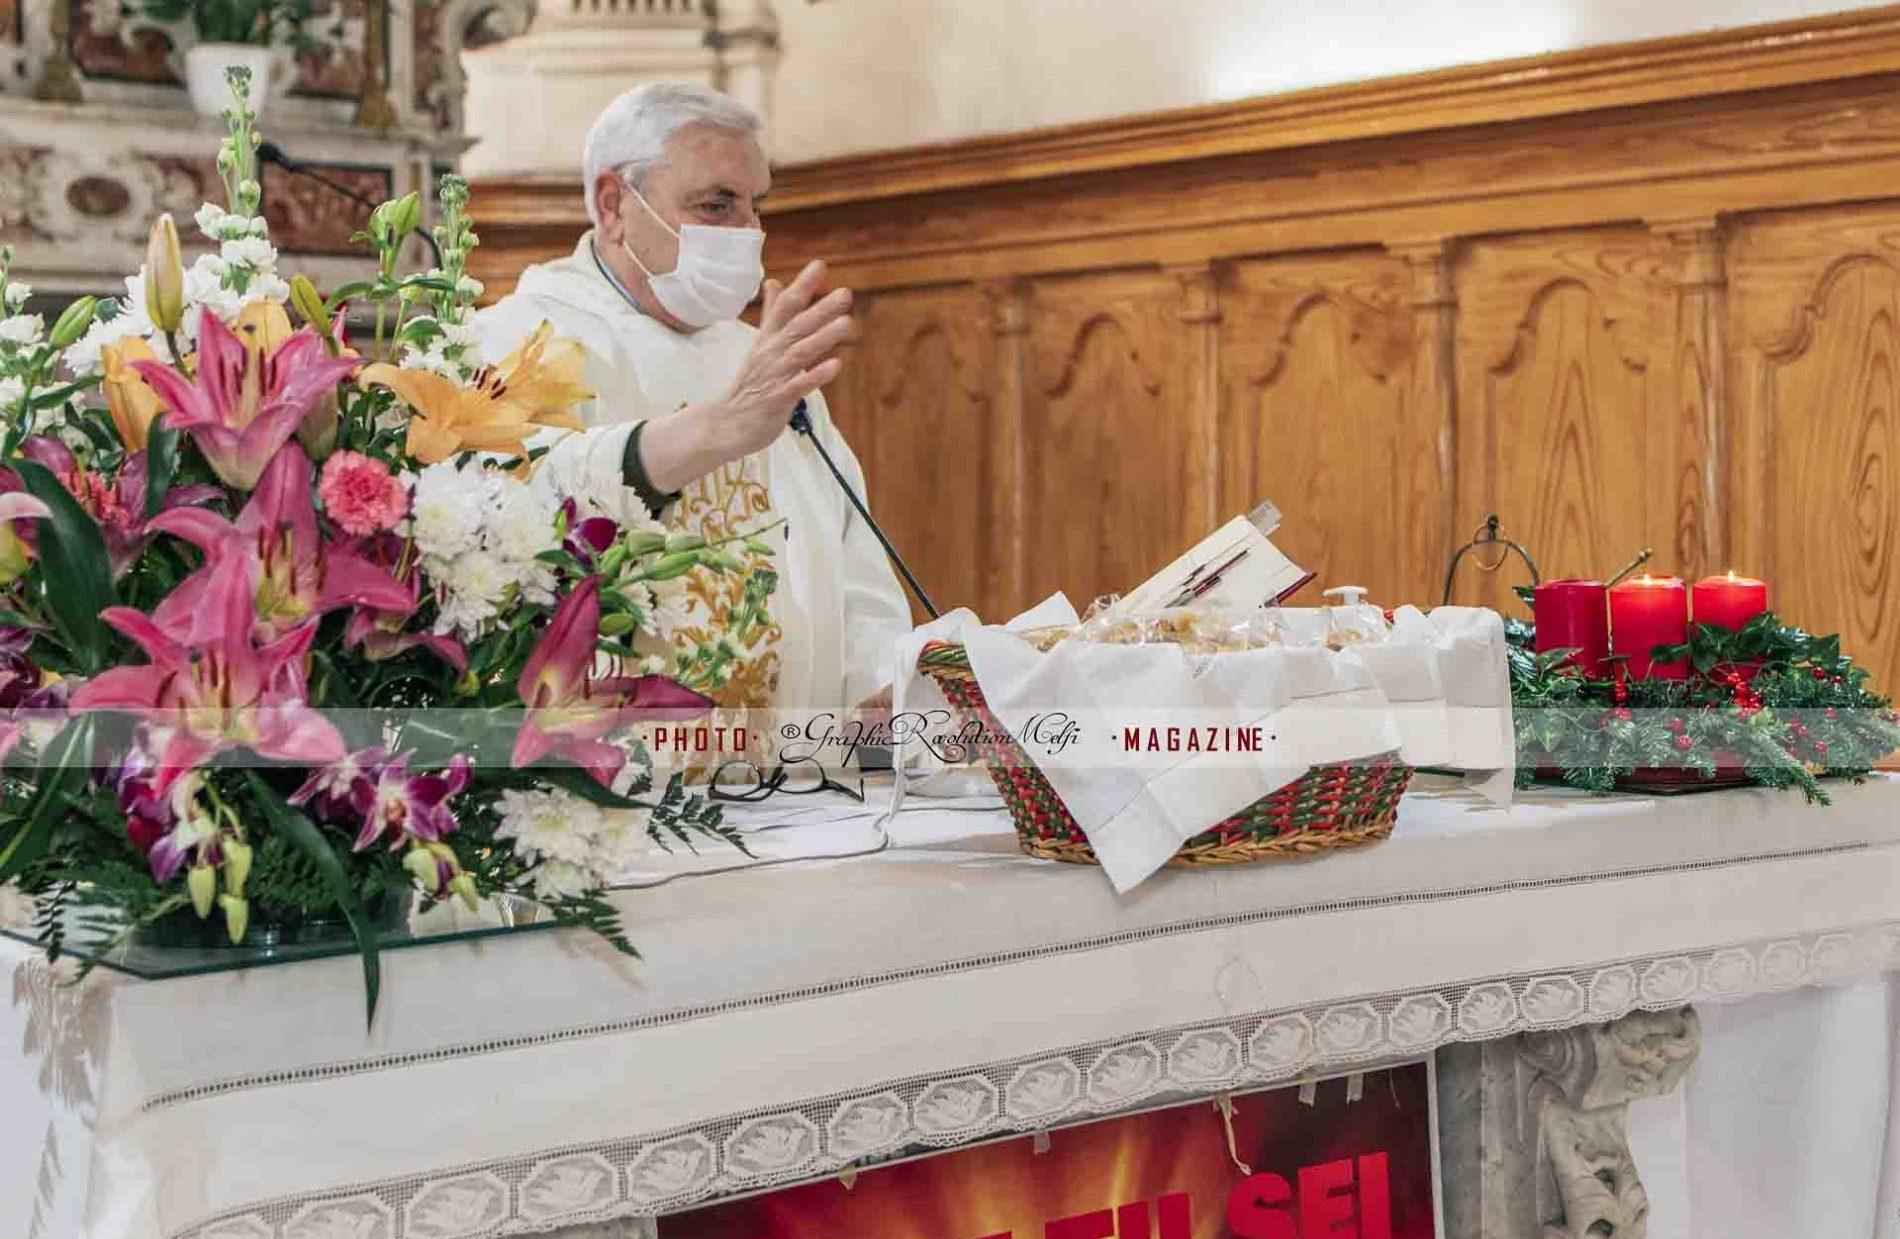 panedduzze melfi 8 dicembre 2020 santa maria immacolata concezione